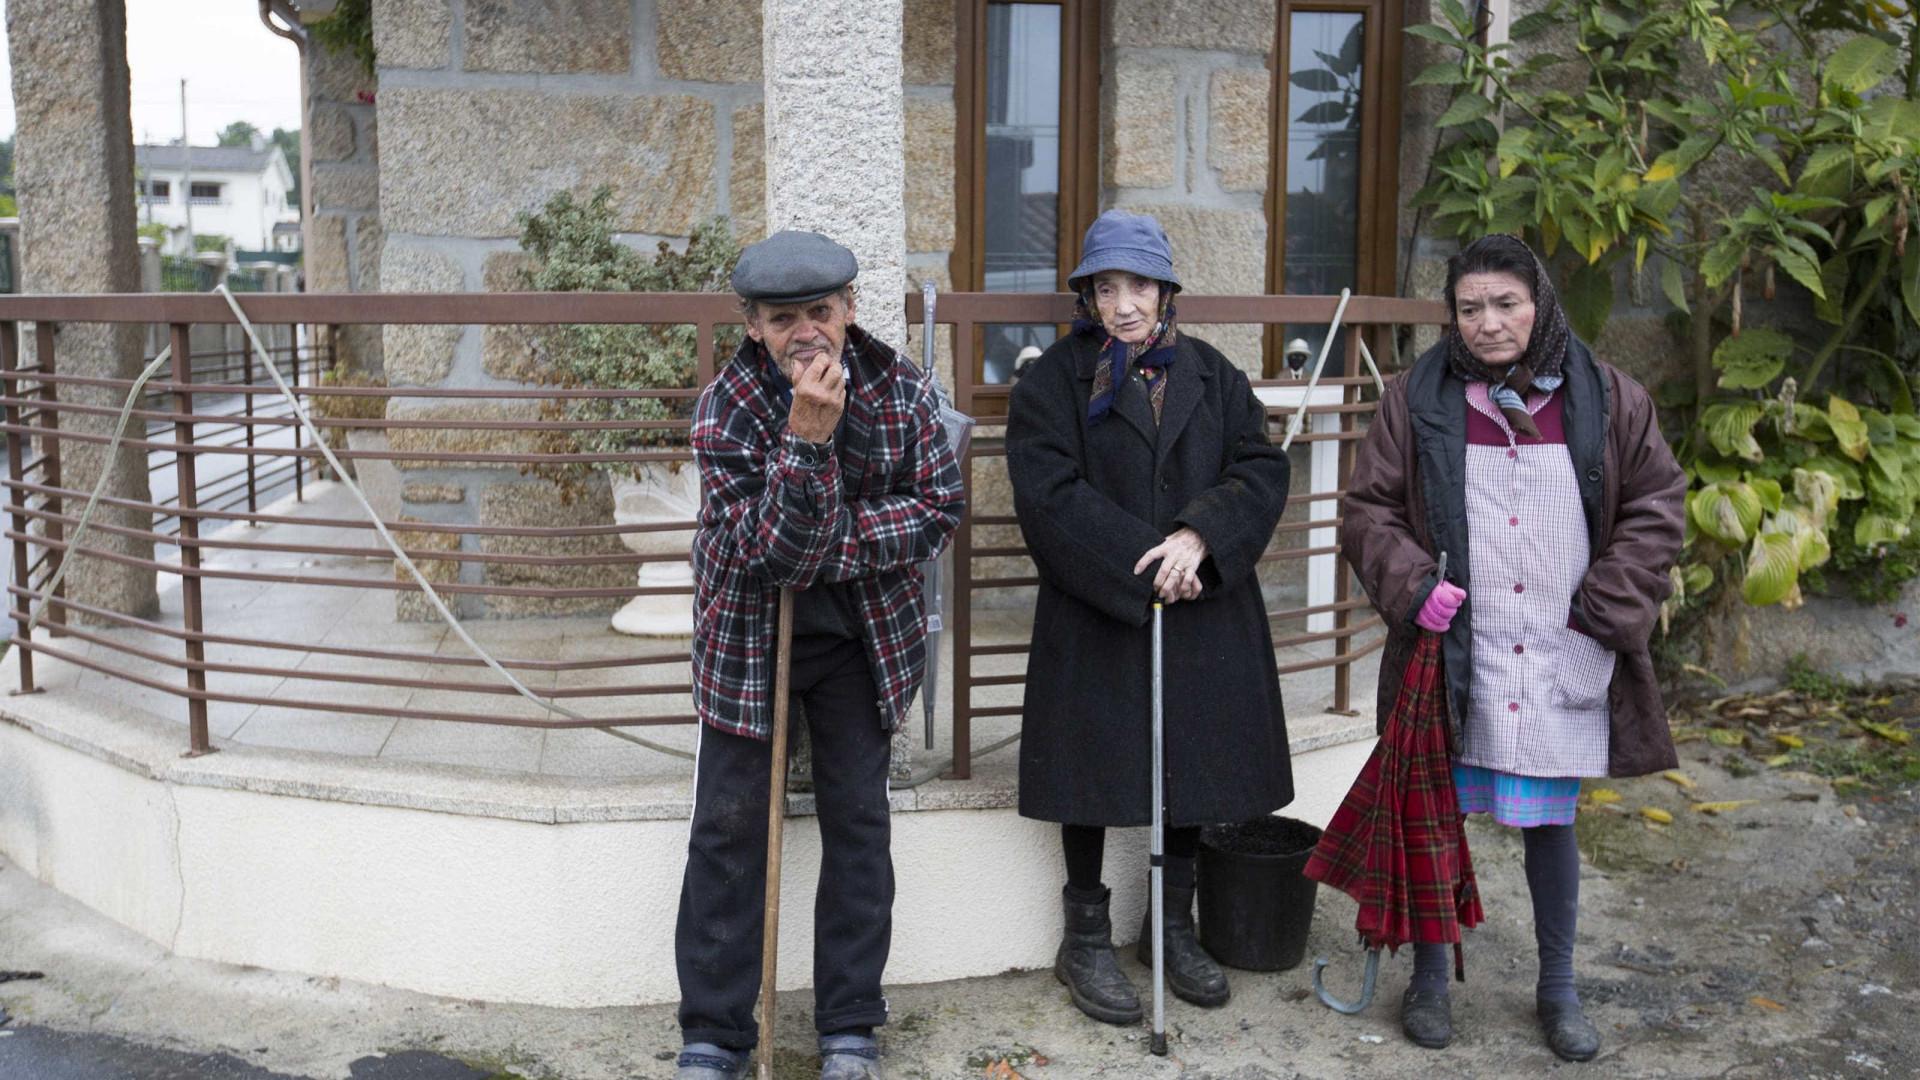 Nesta aldeia de Vila Real mal se dorme por causa do duplo homicida